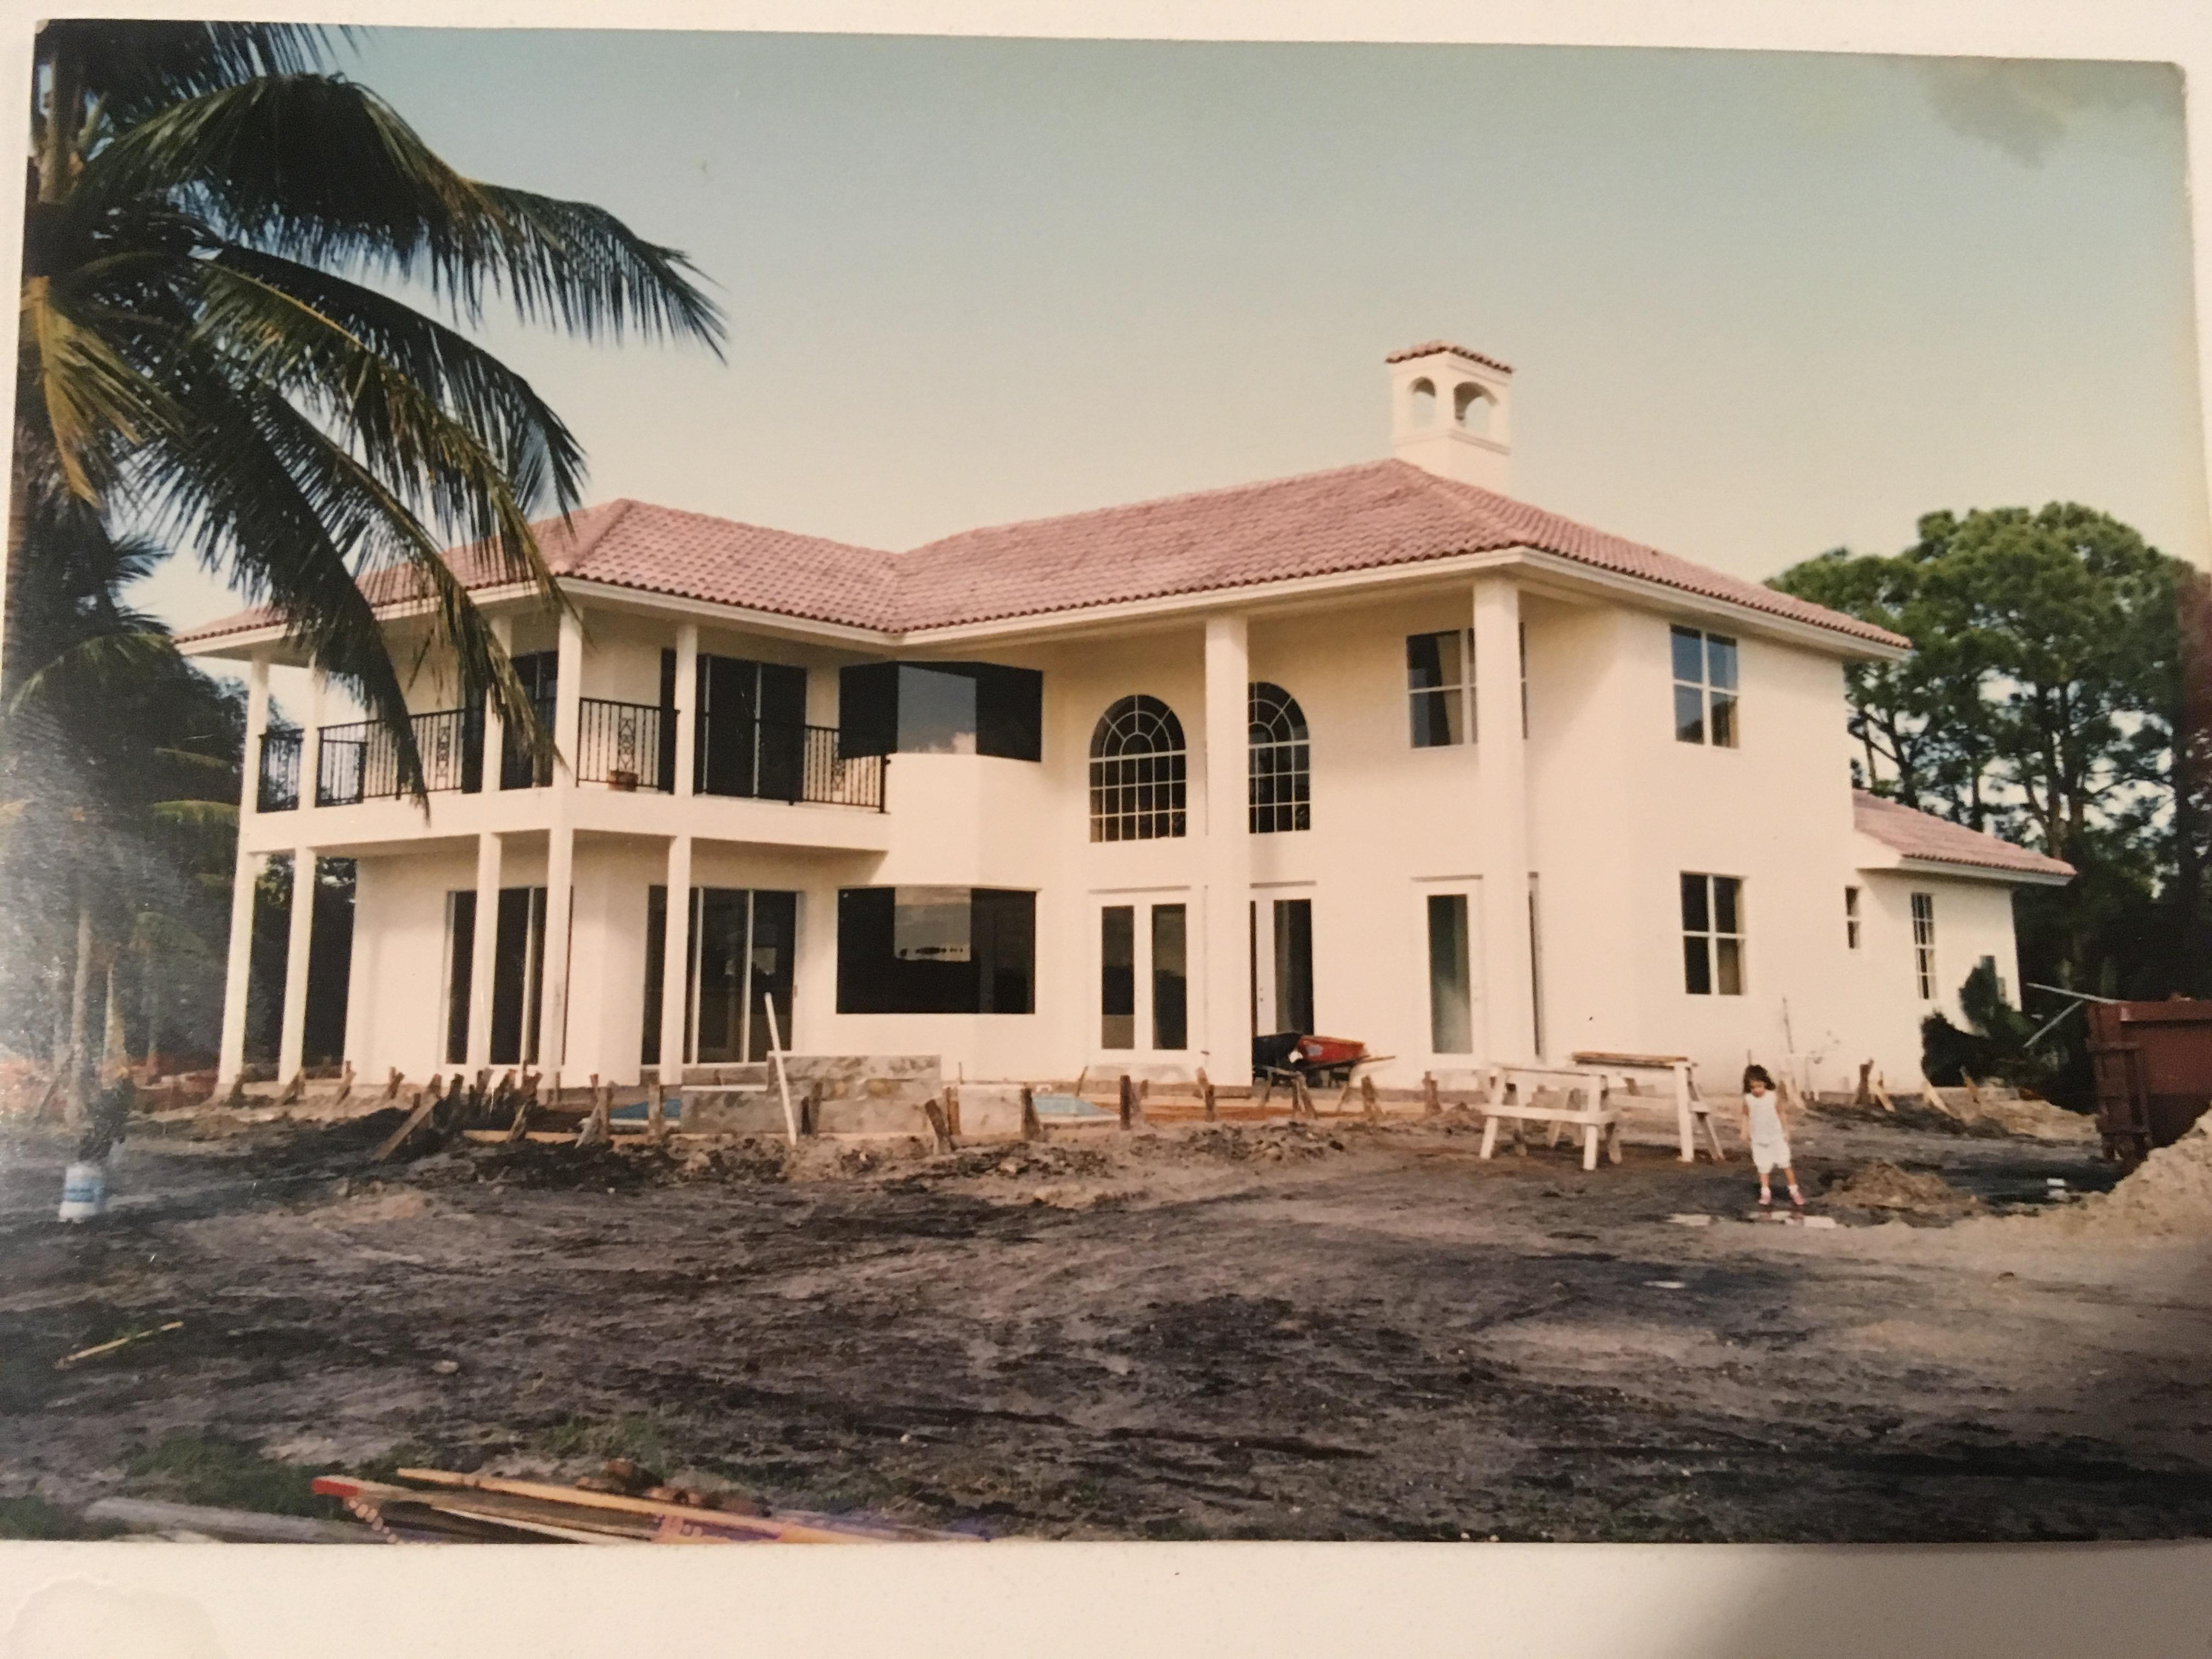 Julia Salazar's early childhood house in Jupiter, Florida